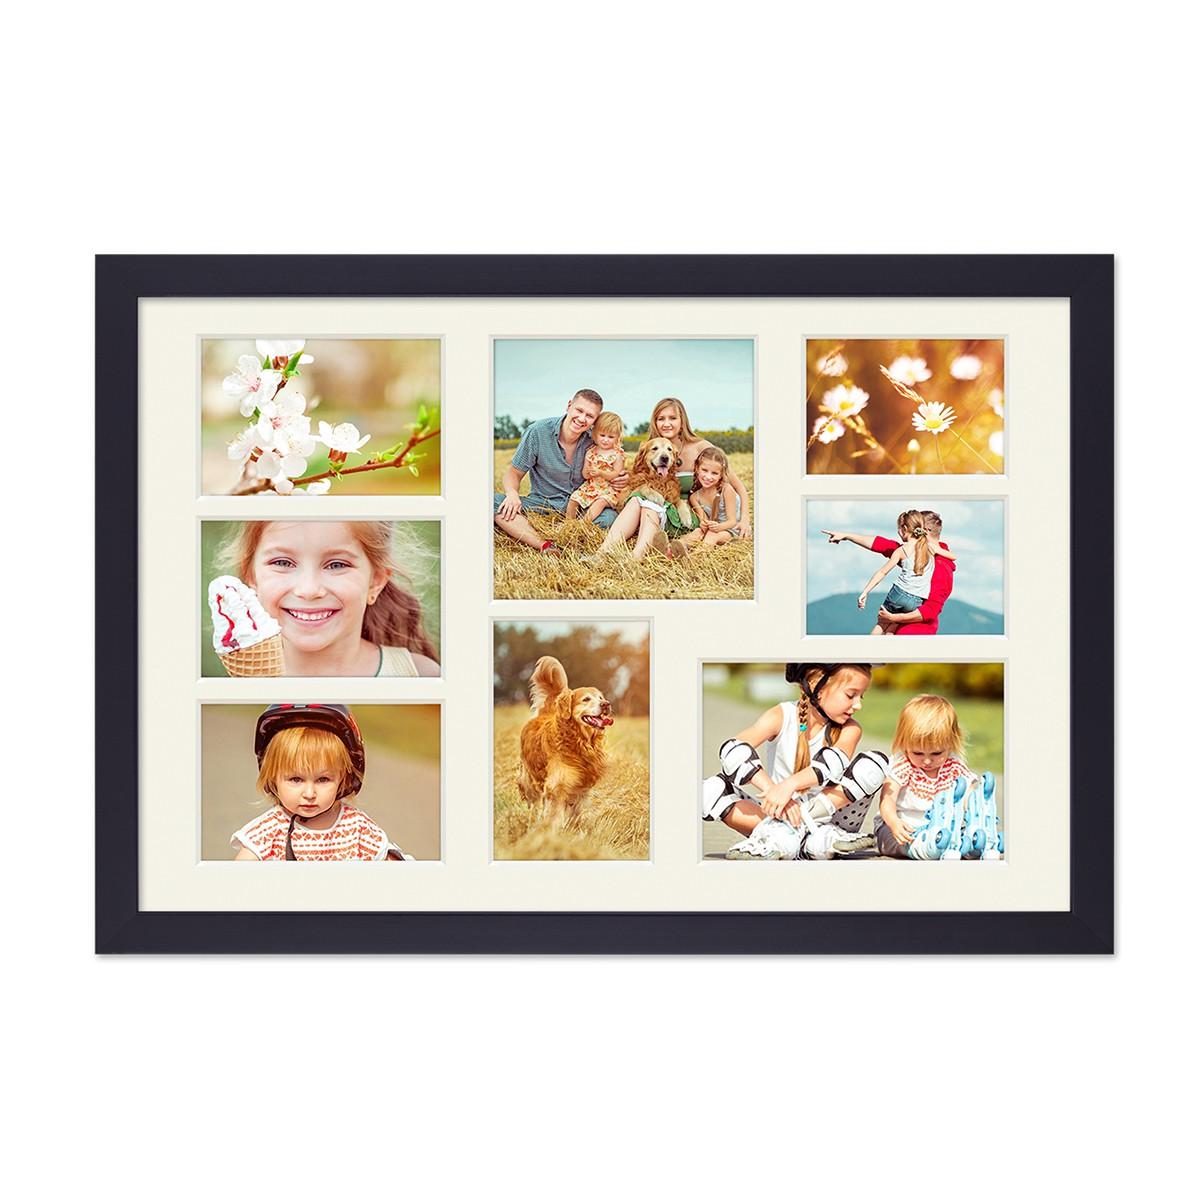 fotocollage bilderrahmen 30x45 cm modern schwarz collagerahmen bildergalerie rahmen f r 8 bilder. Black Bedroom Furniture Sets. Home Design Ideas